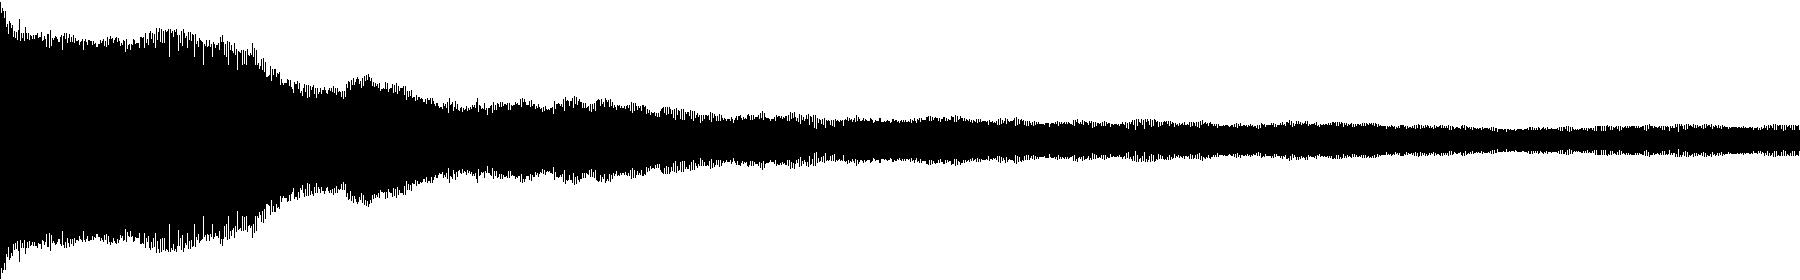 68443 piano e wav